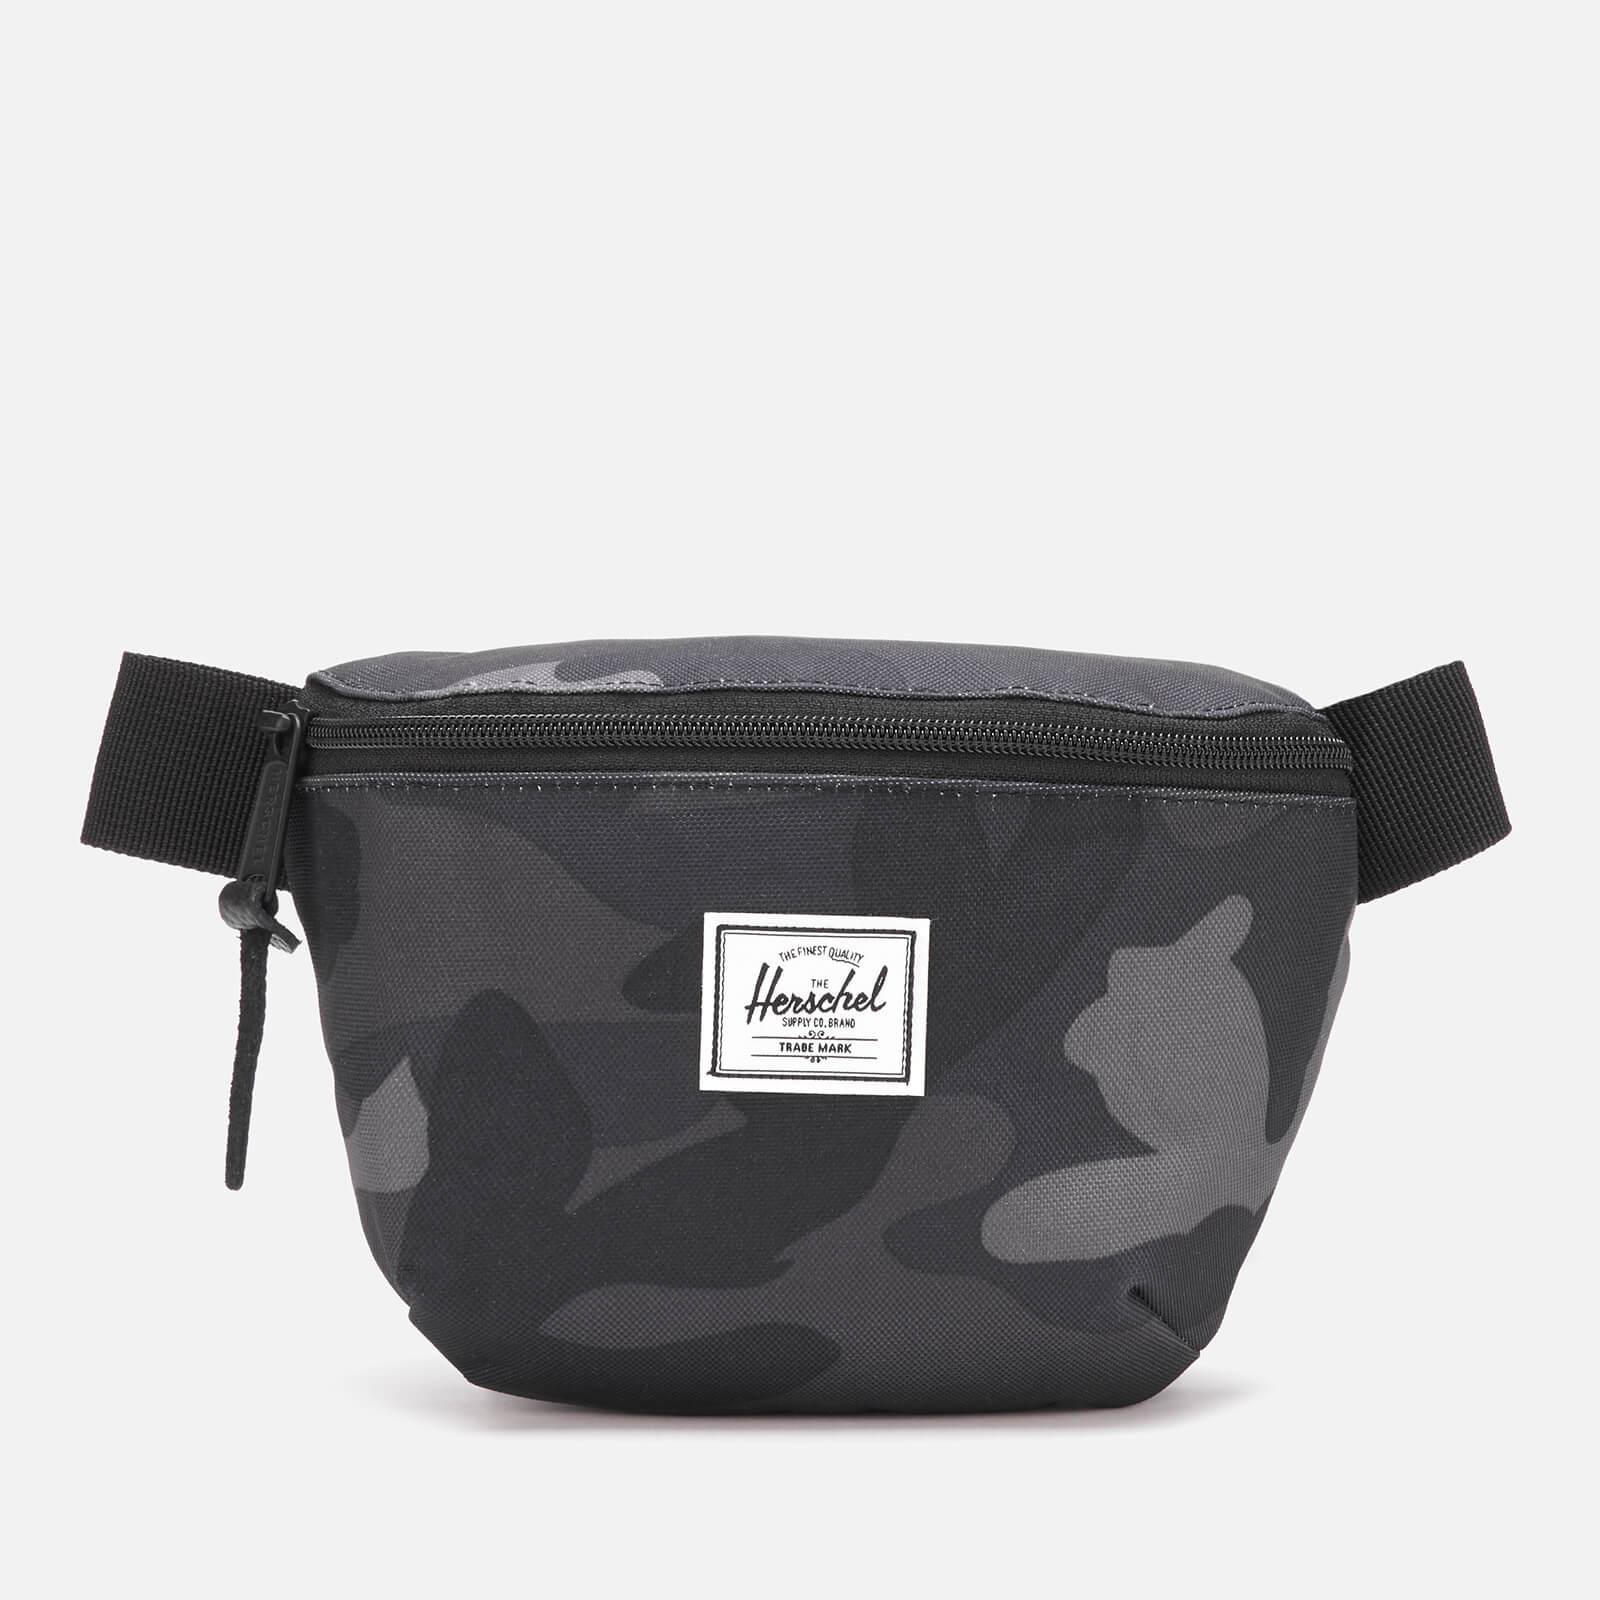 Herschel Supply Co. Men's Fourteen Cross Body Bag - Night Camo